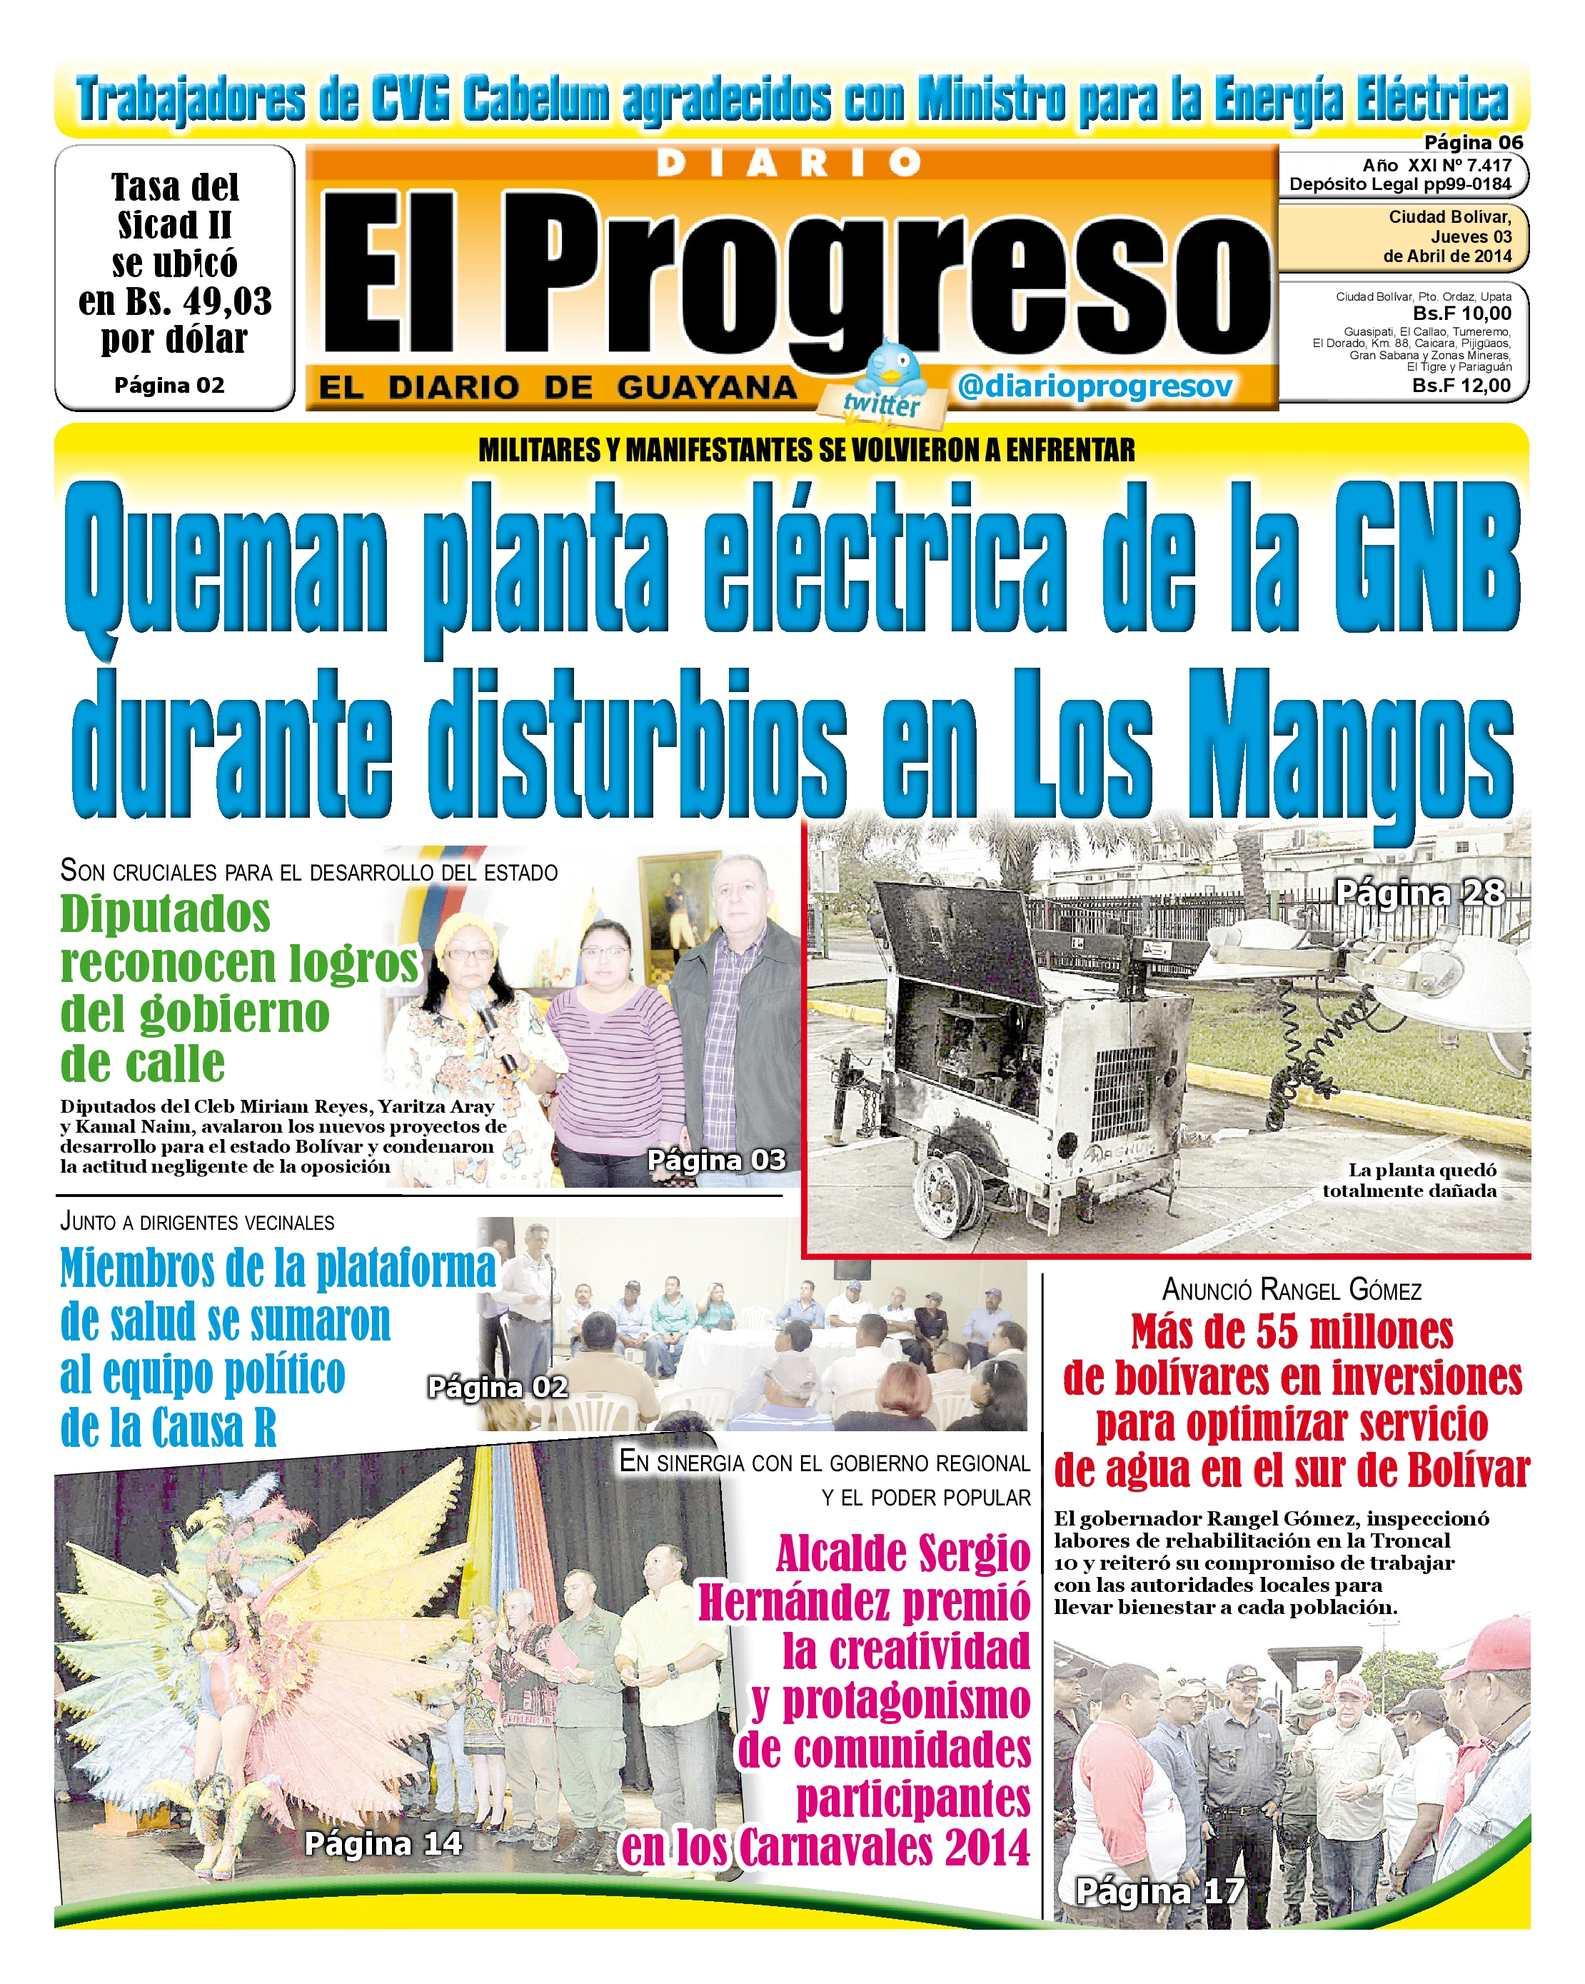 Calaméo - DIARIO EL PROGRESO EDICIÓN DIGITAL 03-04-2014